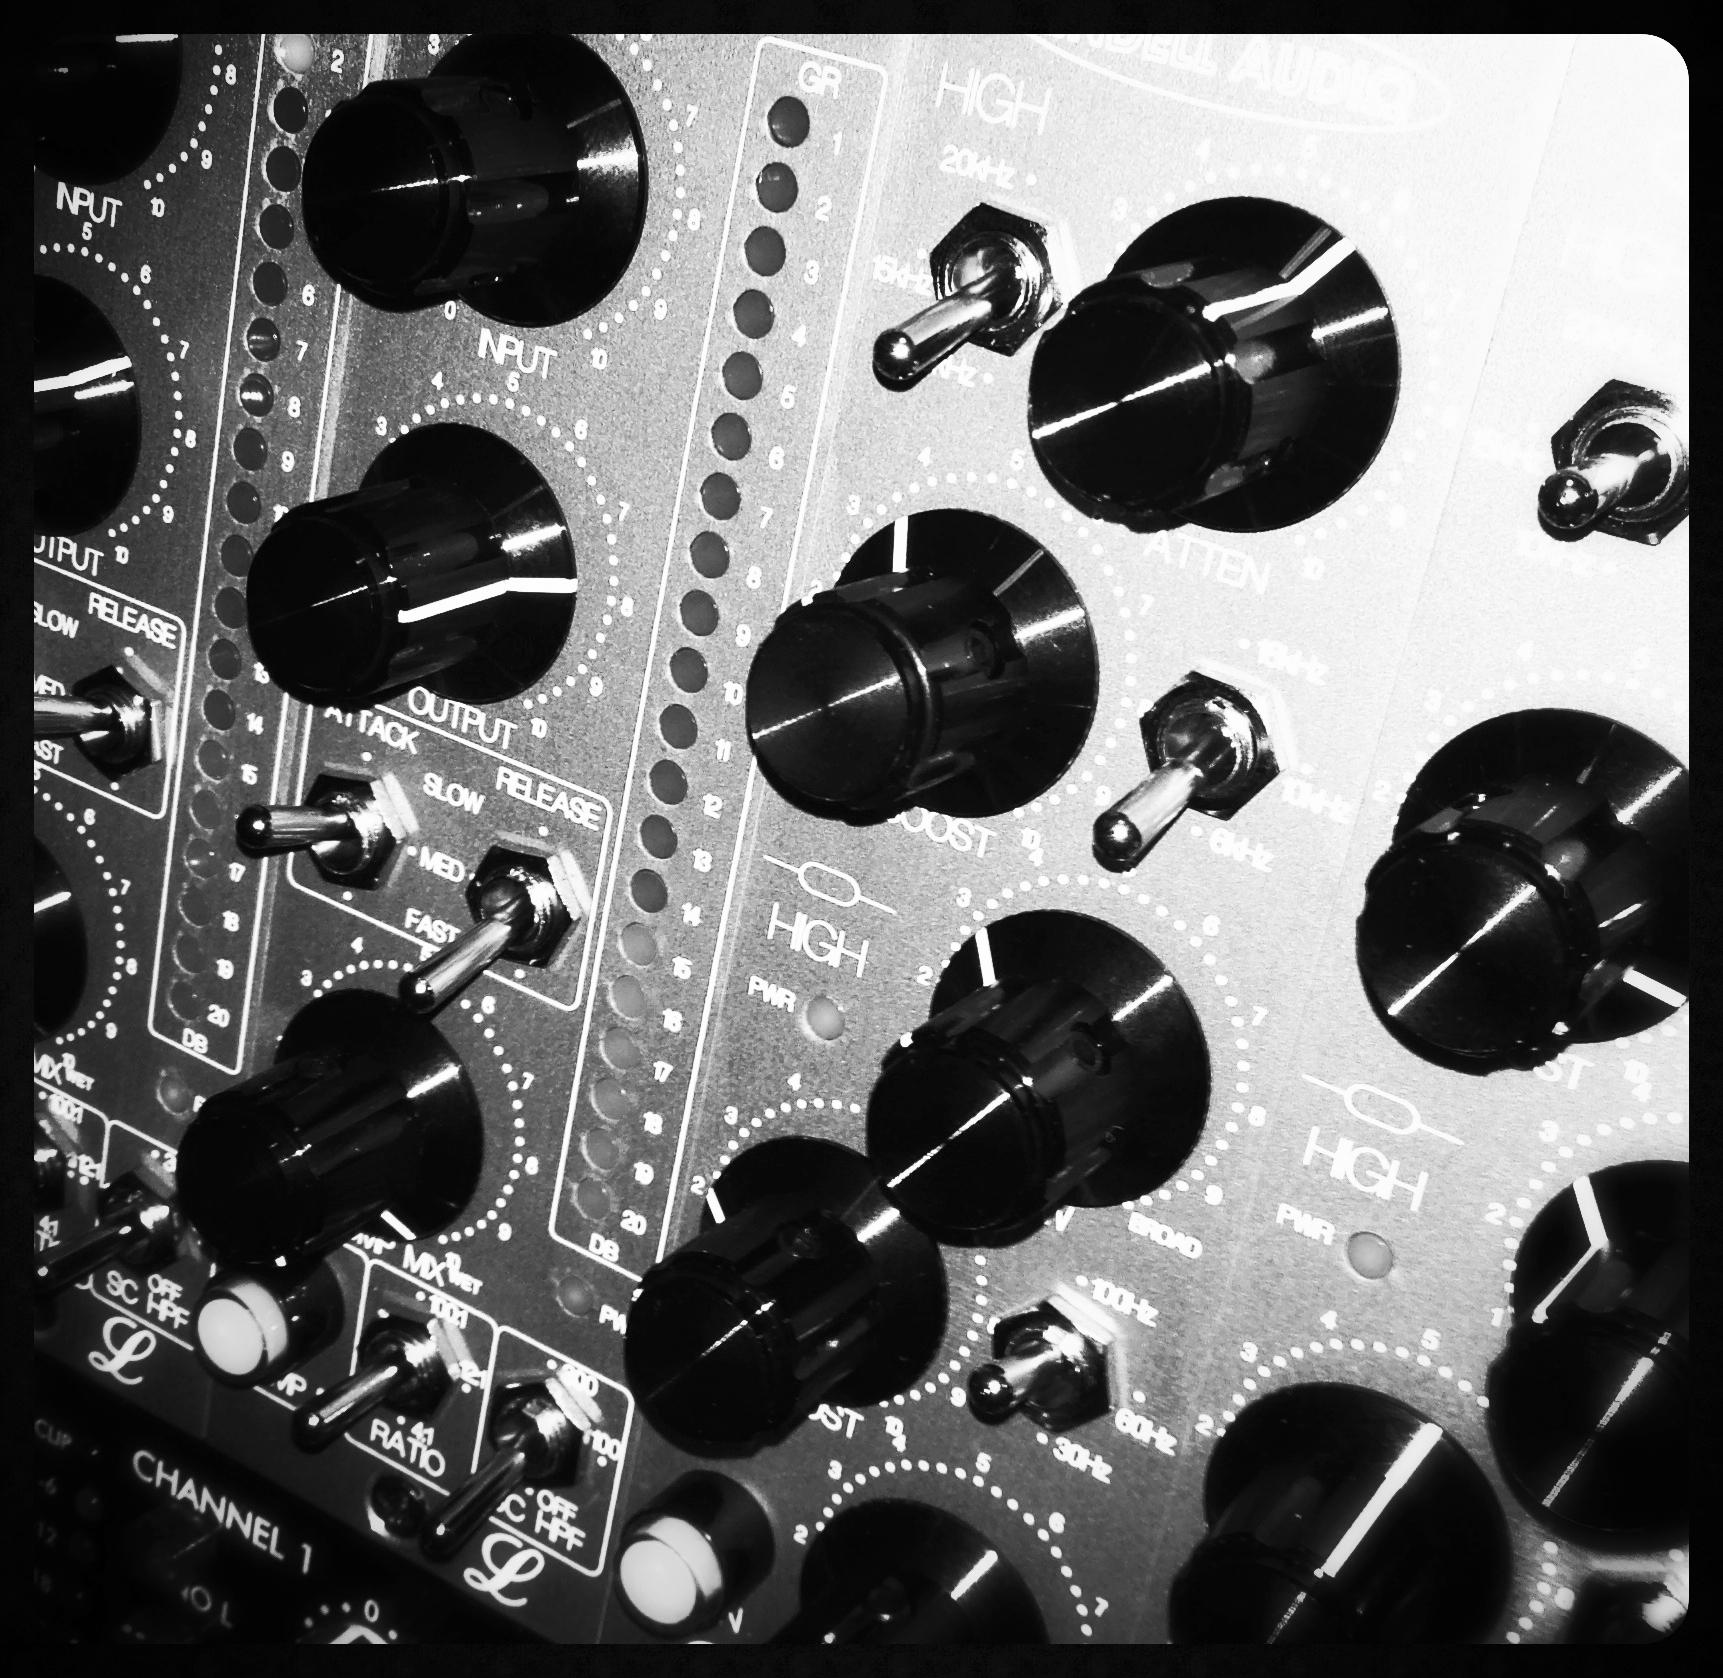 pulteceqcompressor.jpg